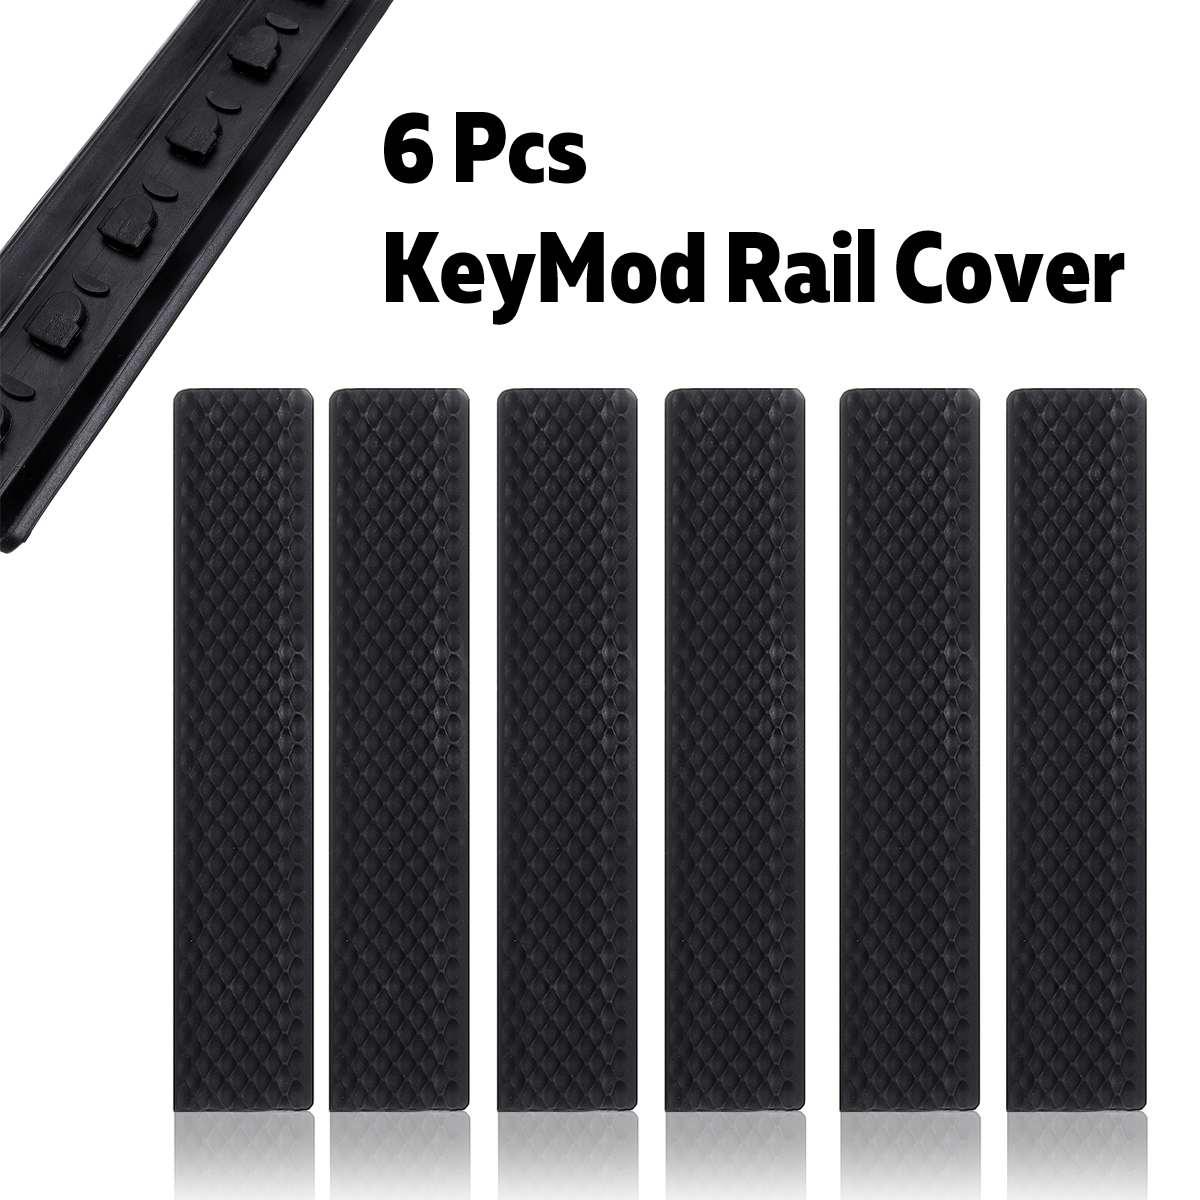 Lot de 6 noir pour couvre-rail KeyMod panneaux antidérapants texturés caoutchouc noir